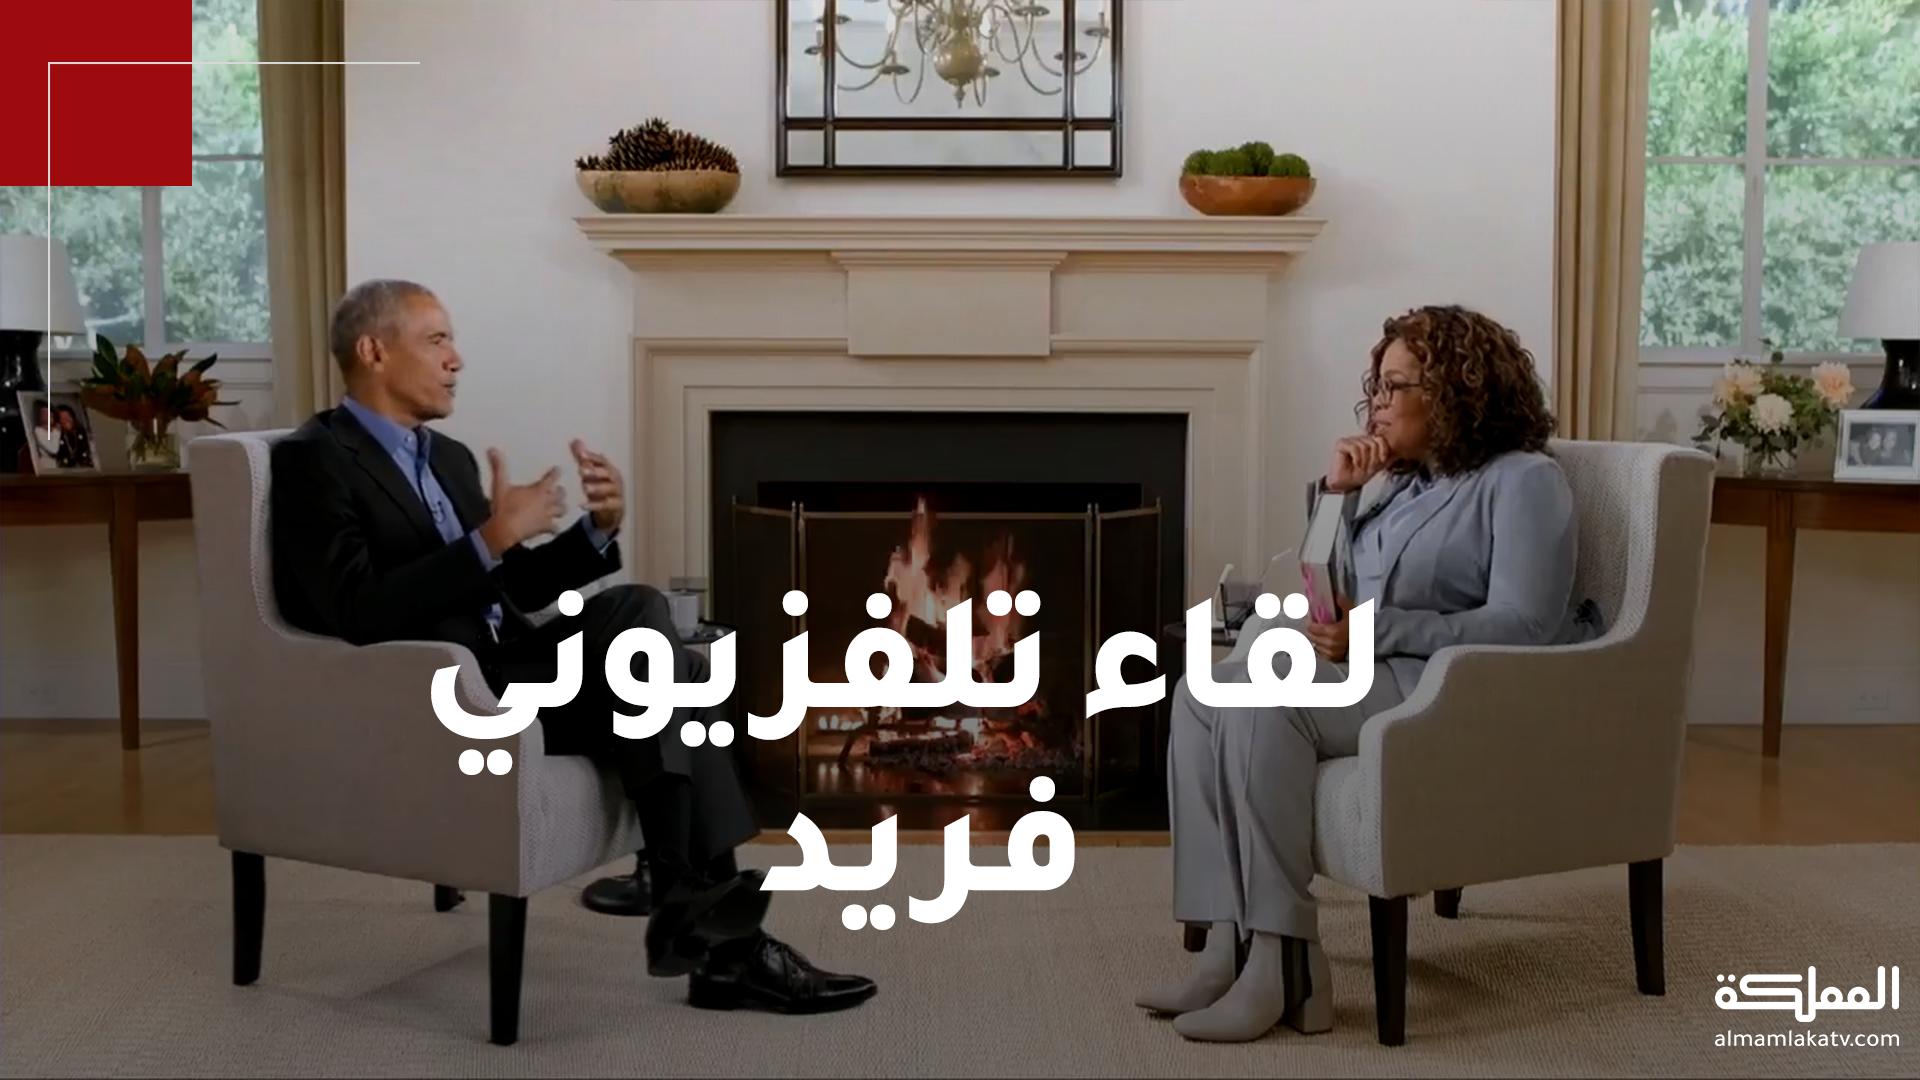 المذيعة الشهيرة أوبرا وينفري تستضيف الرئيس الأميركي السابق أوباما عبر تكنولوجيا متطورة